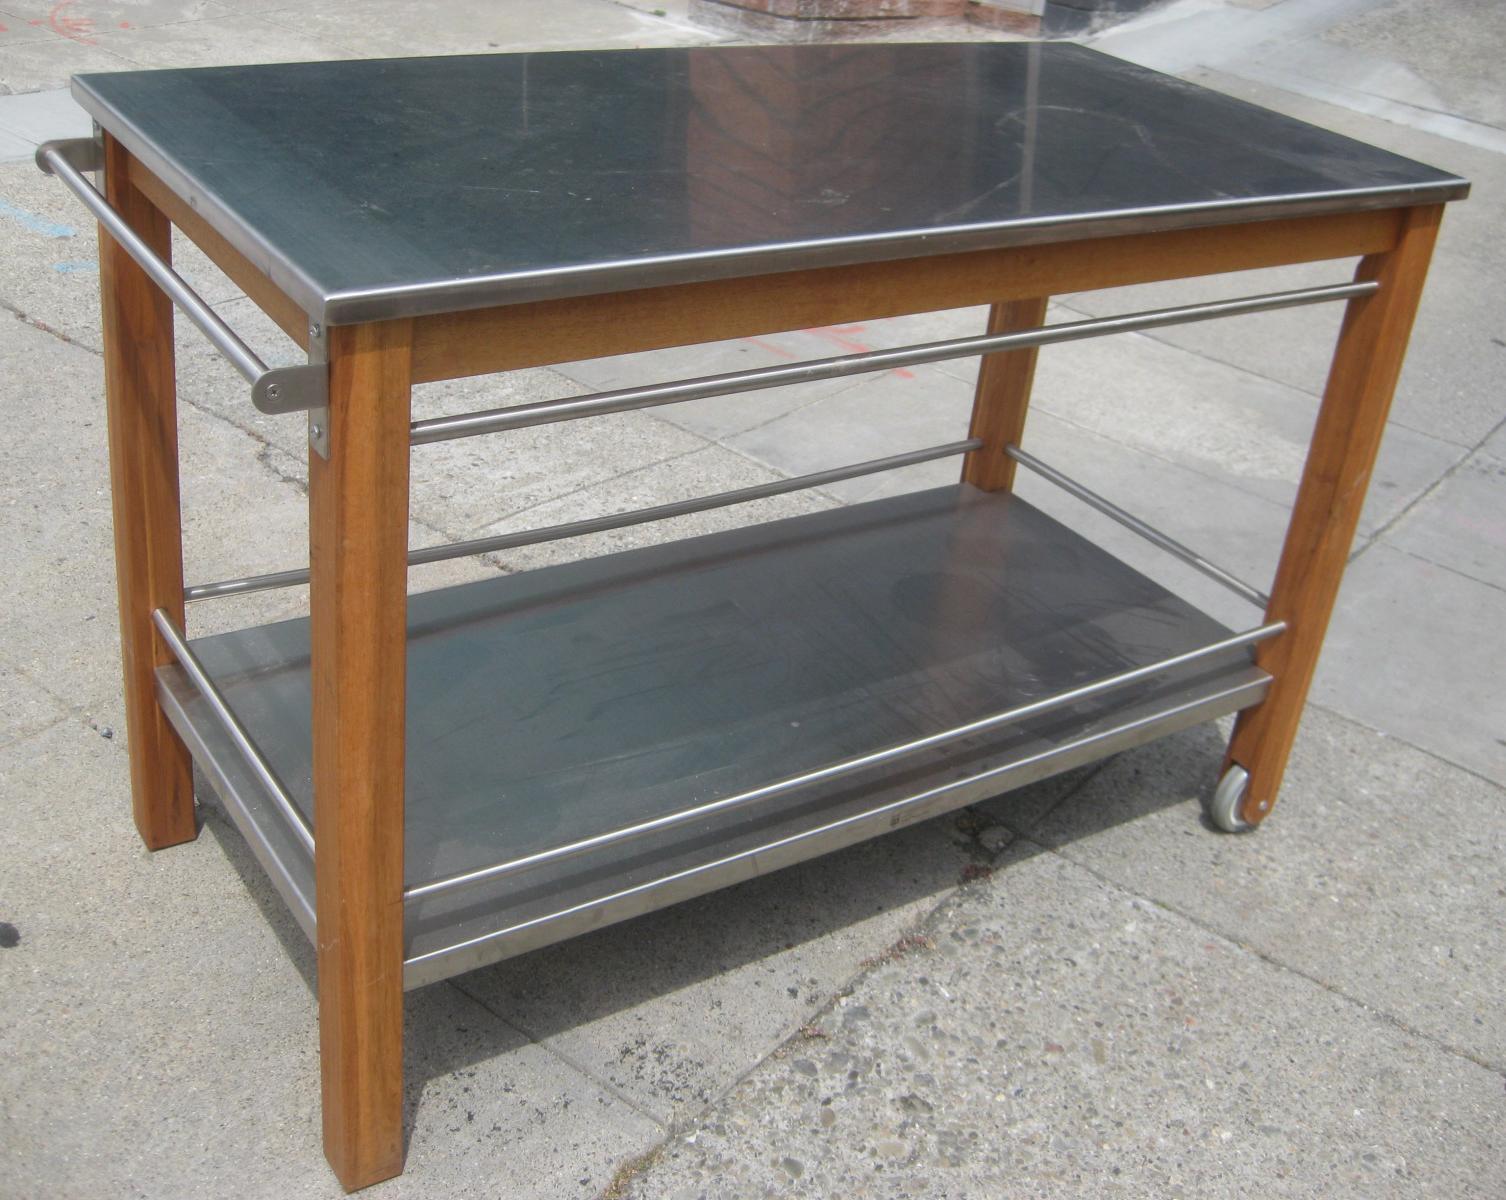 Uhuru Furniture Collectibles Sold Pier 1 Kitchen Cart 140